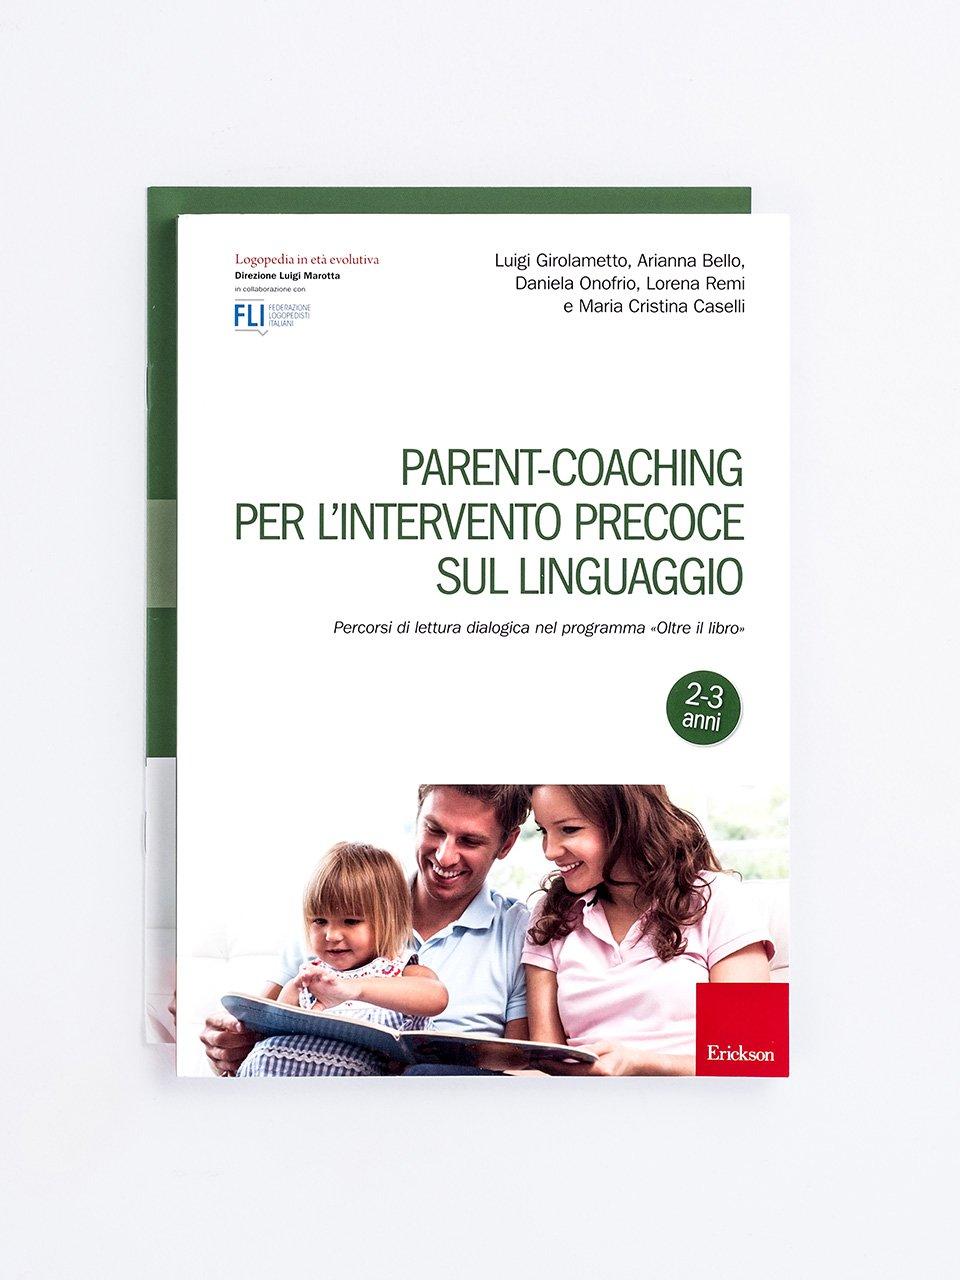 Parent-coaching per l'intervento precoce sul linguaggio - Test TVL - Valutazione del linguaggio - Libri - Strumenti - Erickson